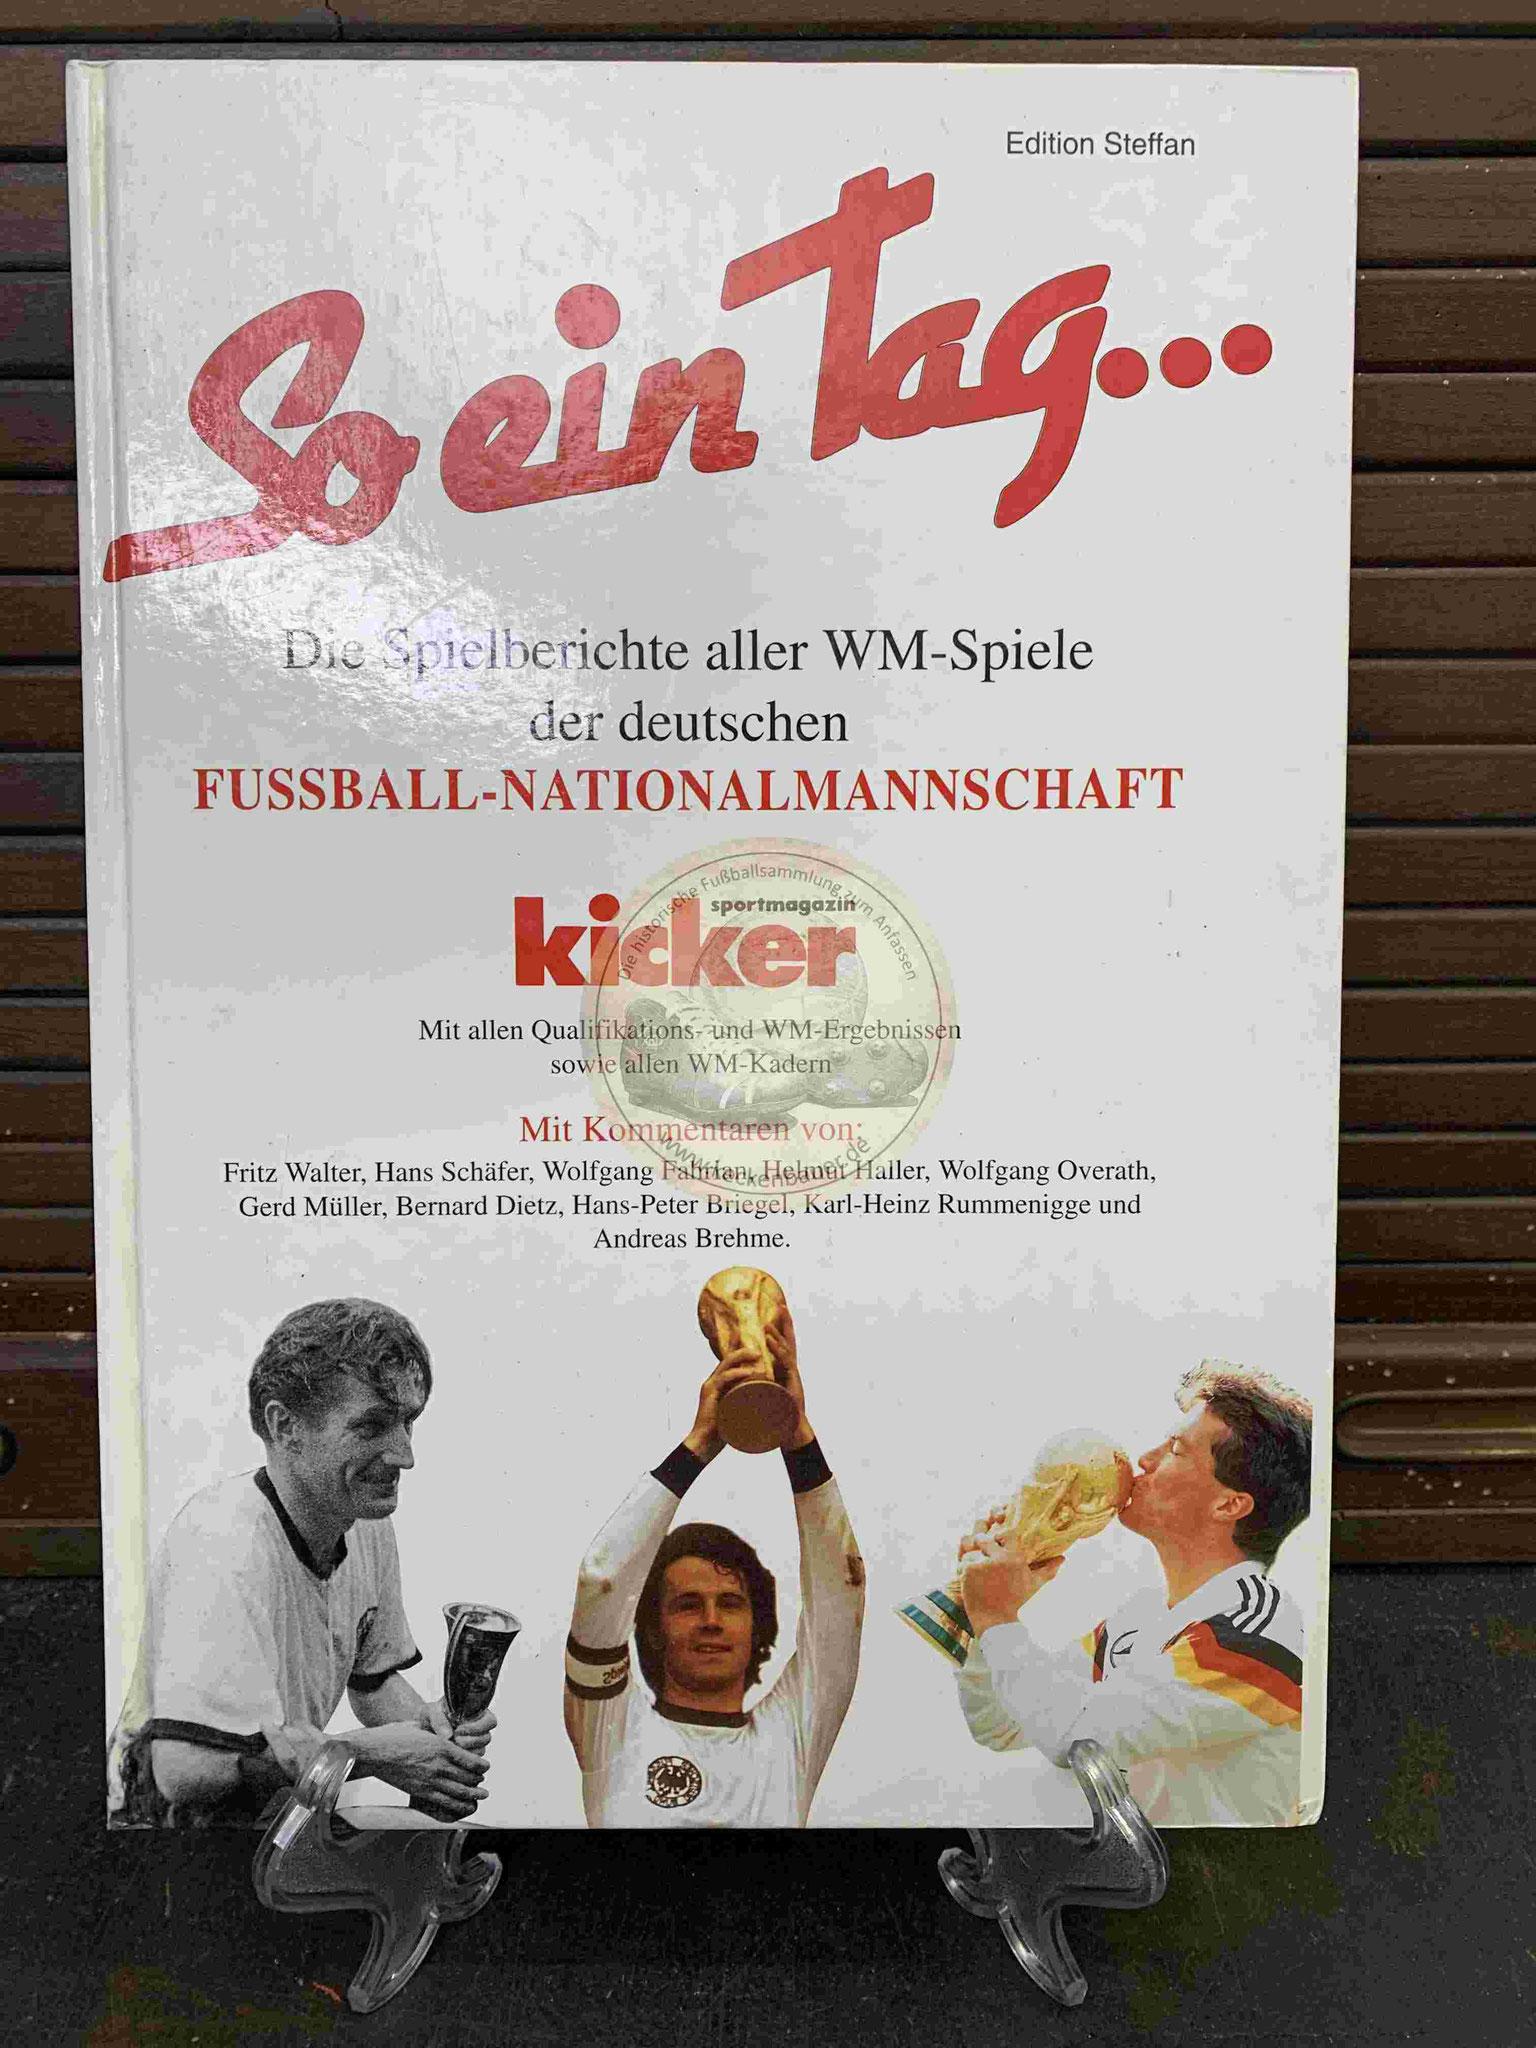 Kicker So ein Tag... Die Spielberichte aller WM-Spiele der deutschen Fussball-Nationalmannschaft aus dem Jahr 1994